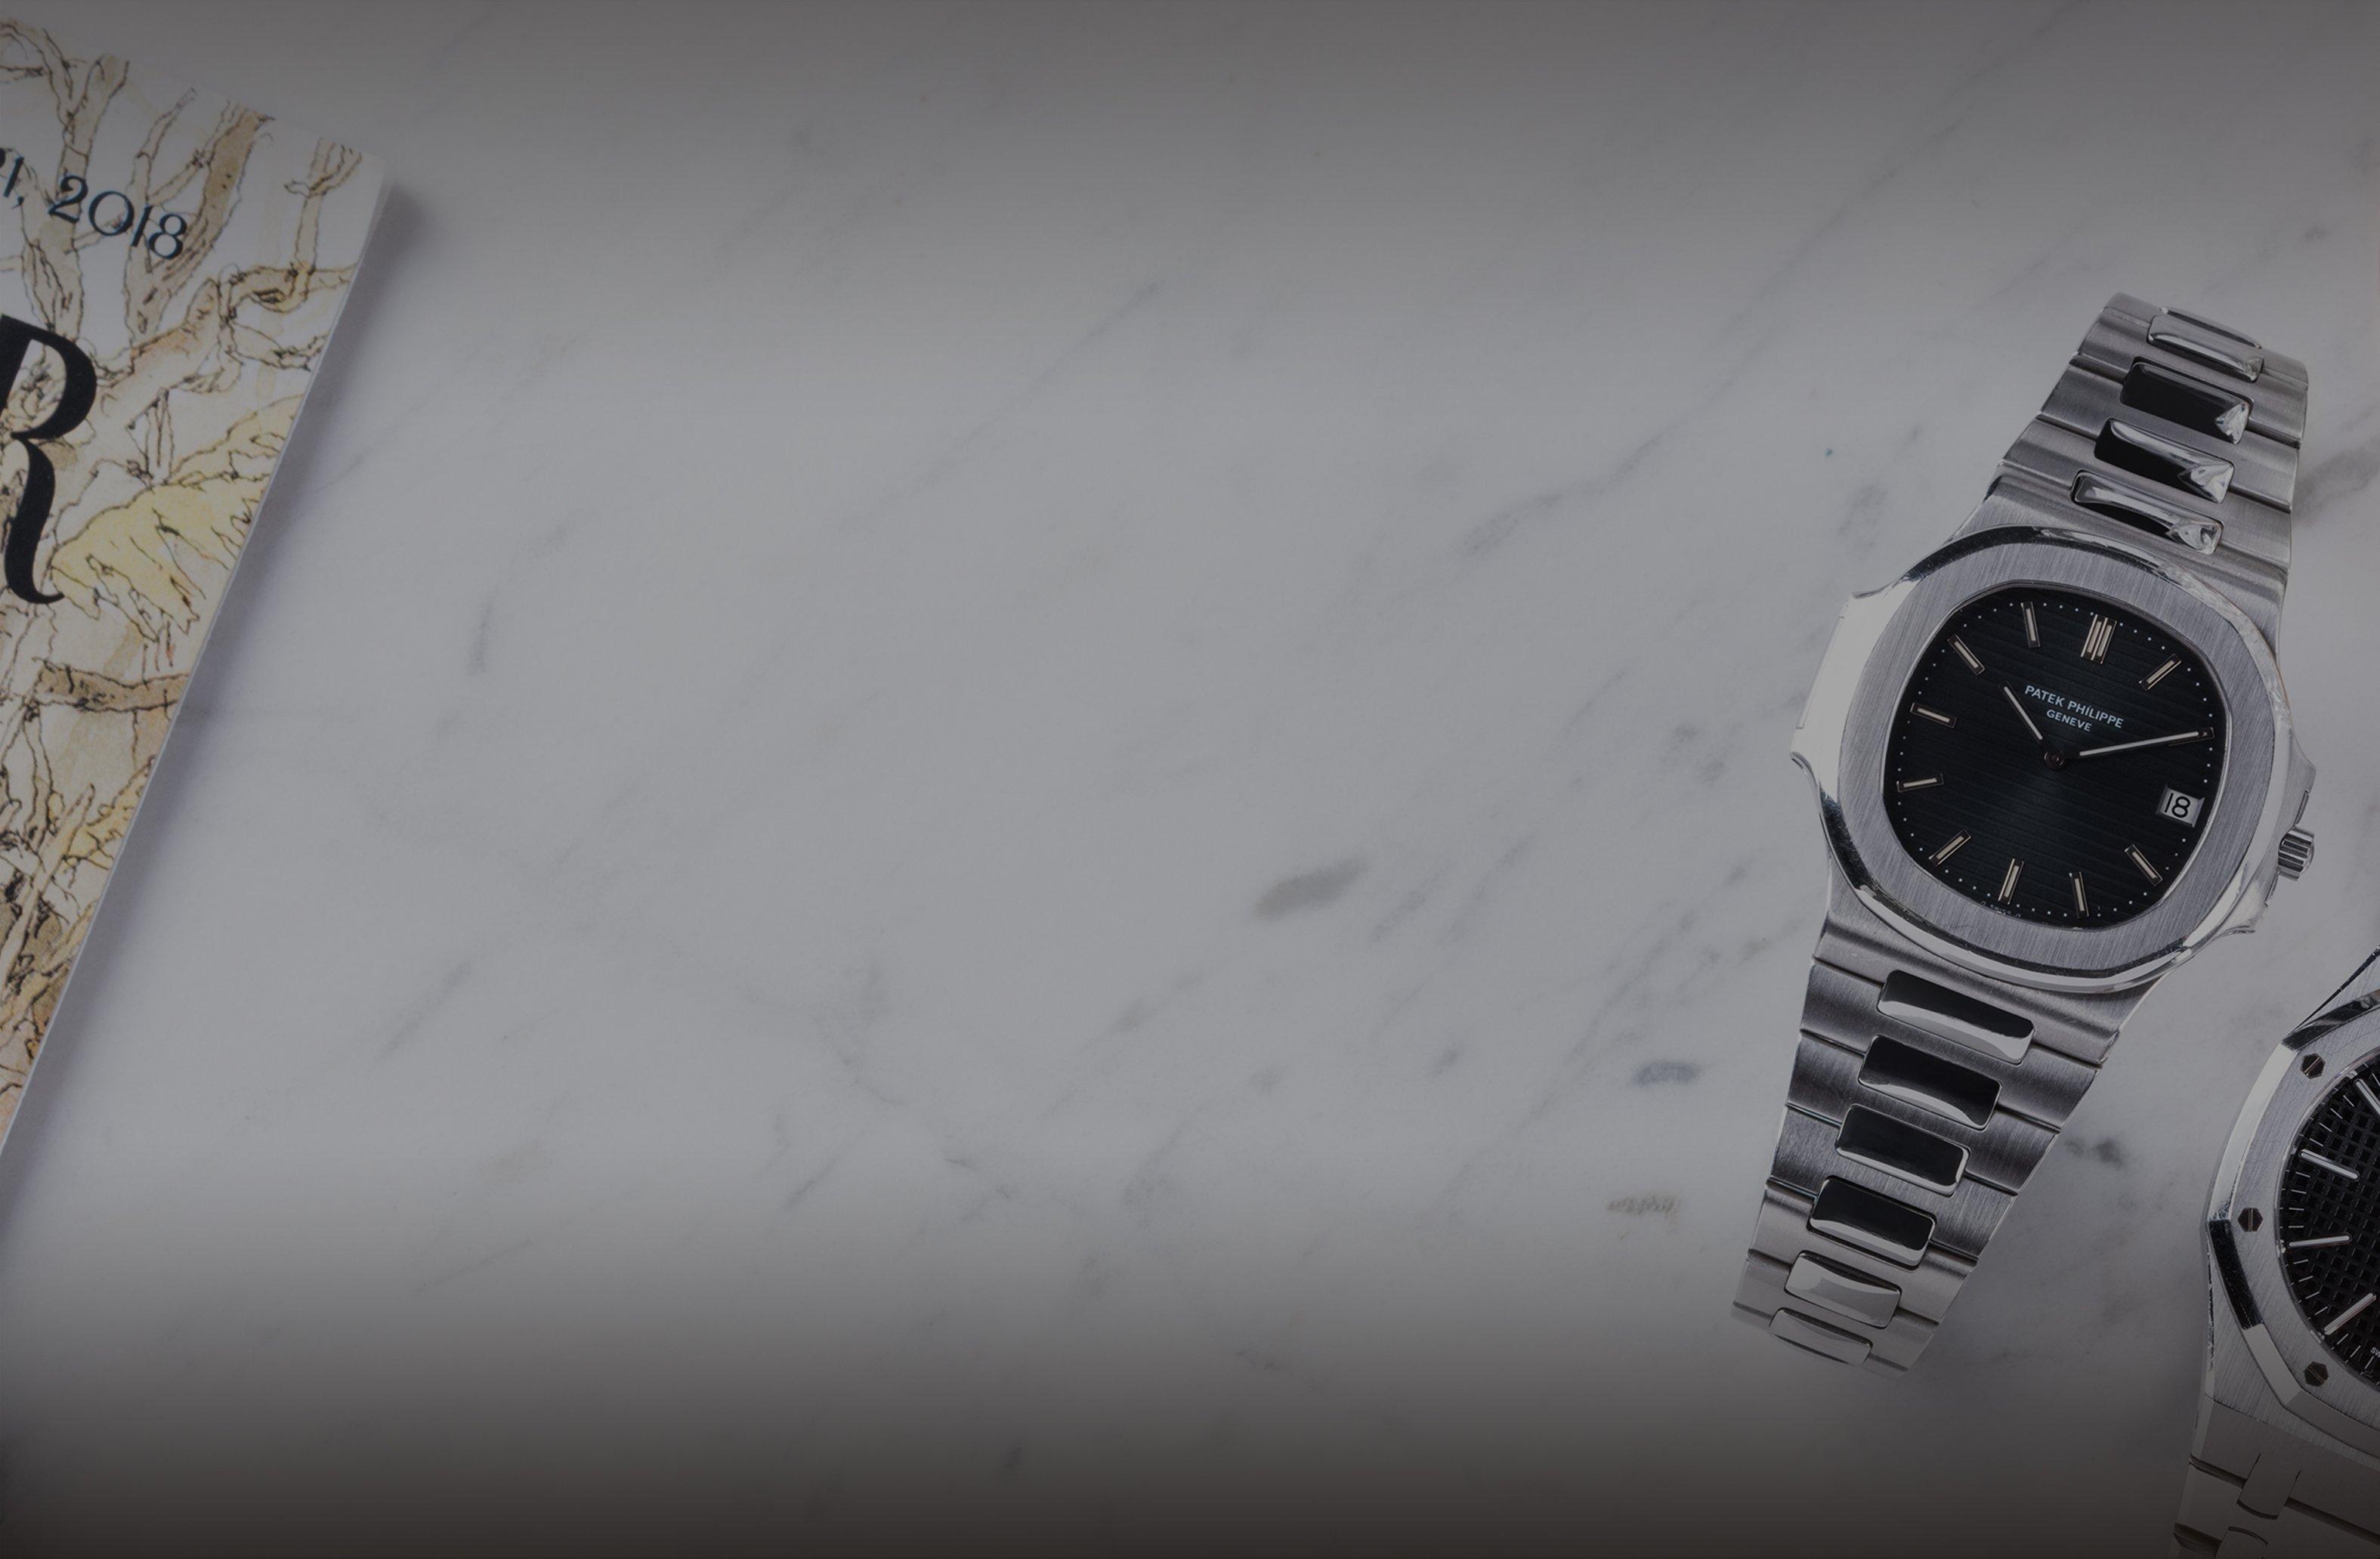 Y Relojes Lujo Chrono24Comprar Vender De hCBQxtsrd